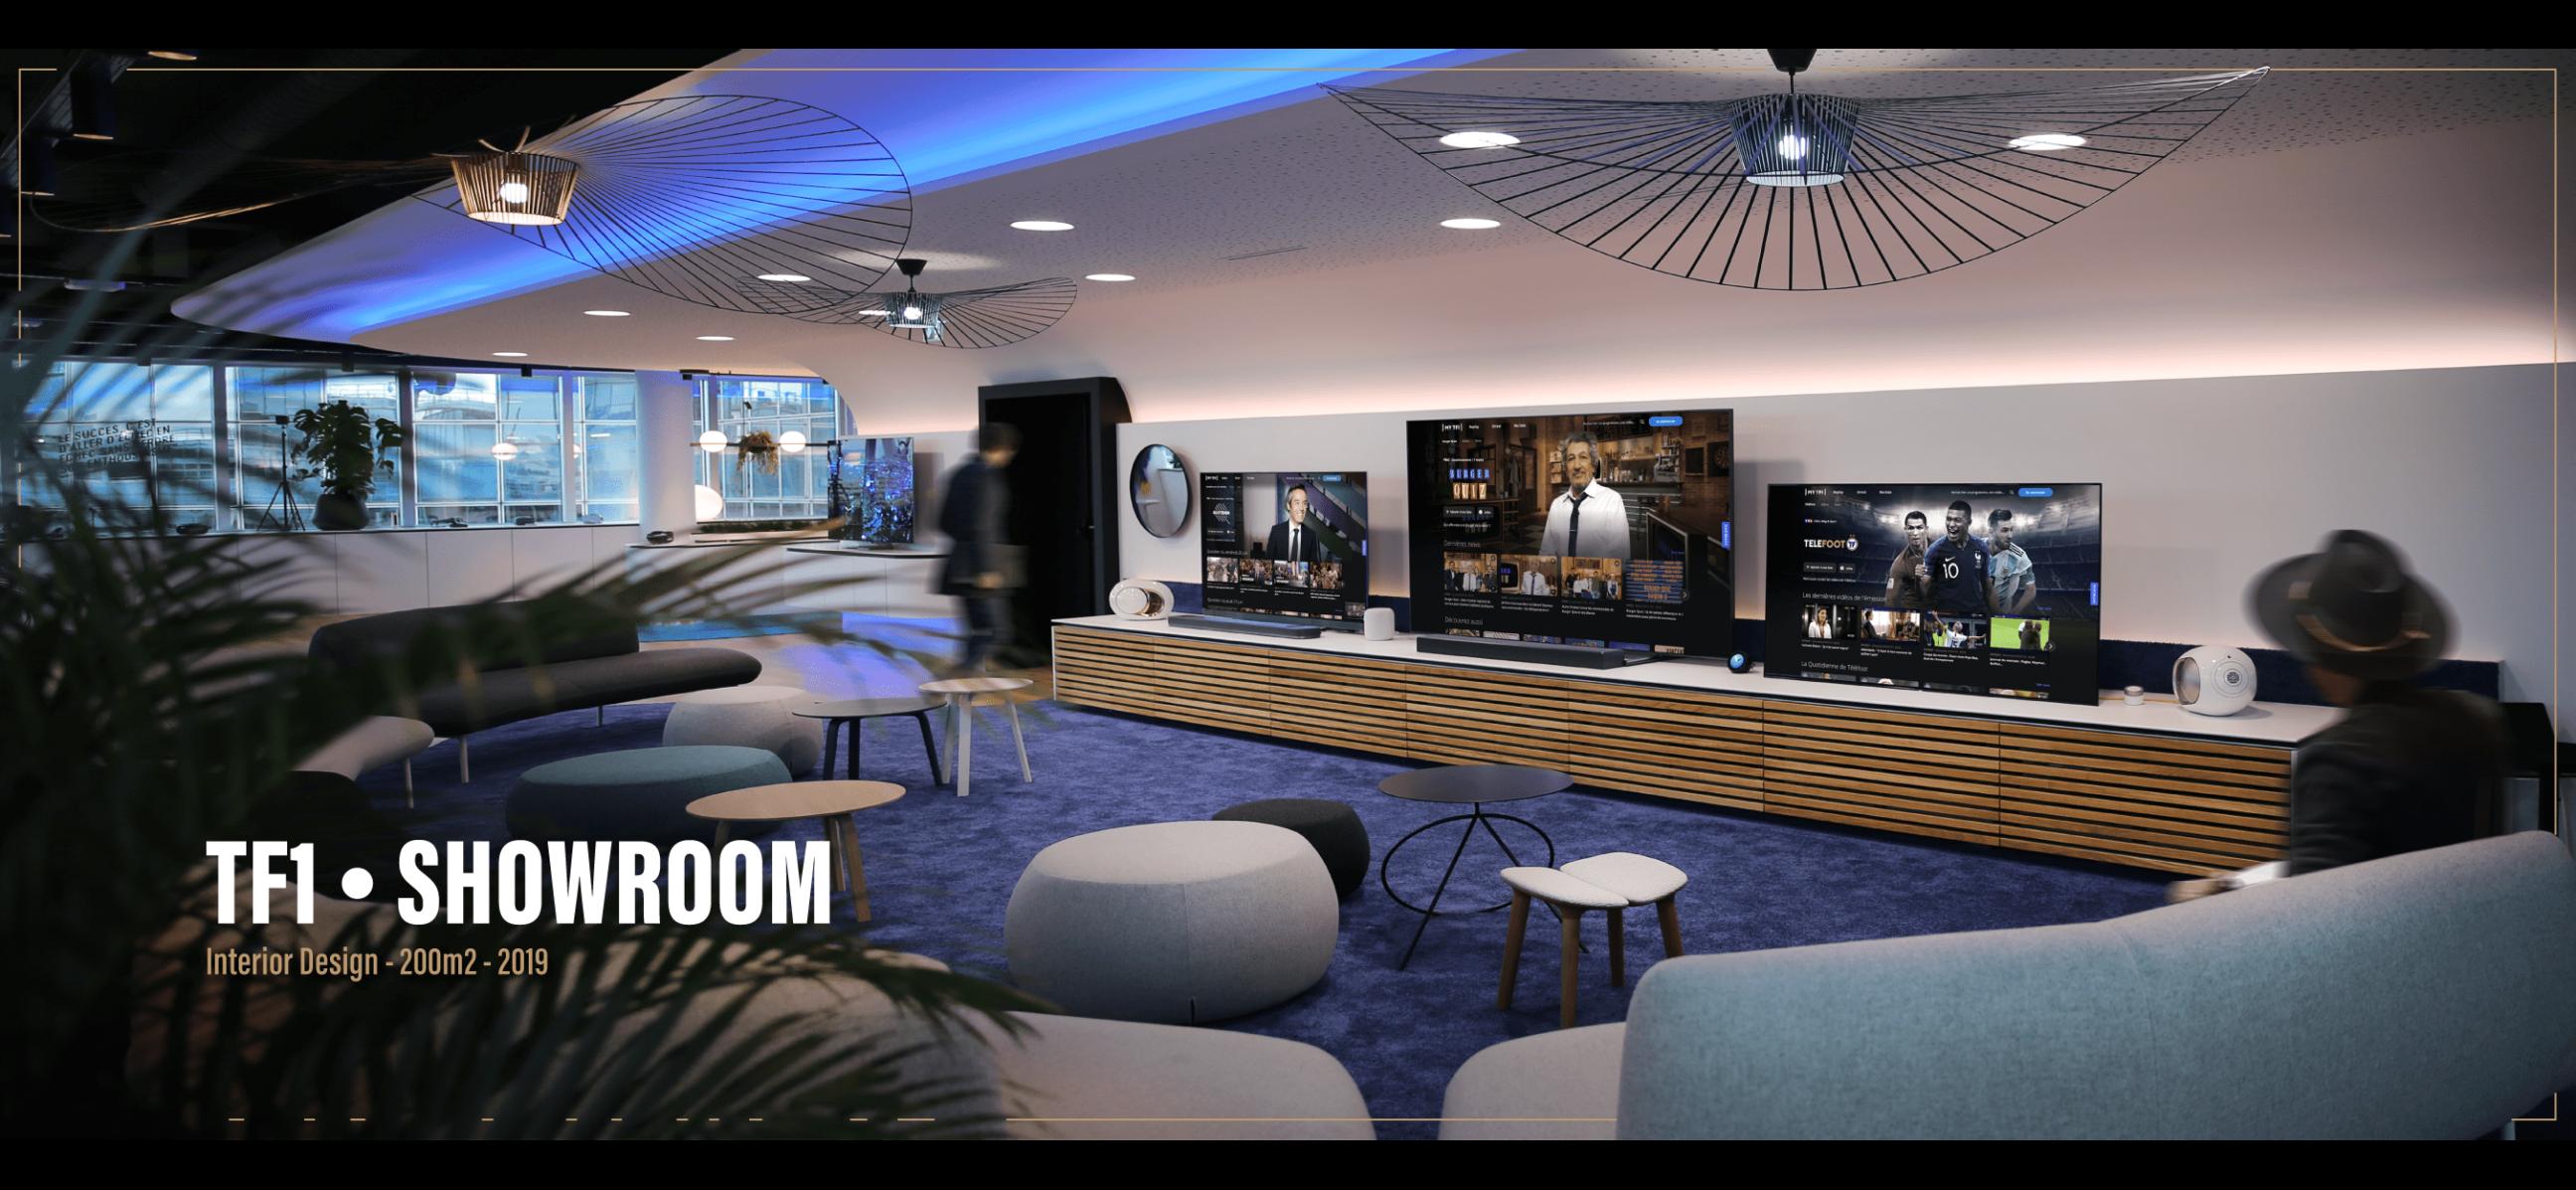 Conception et réalisation du Showroom de TF1